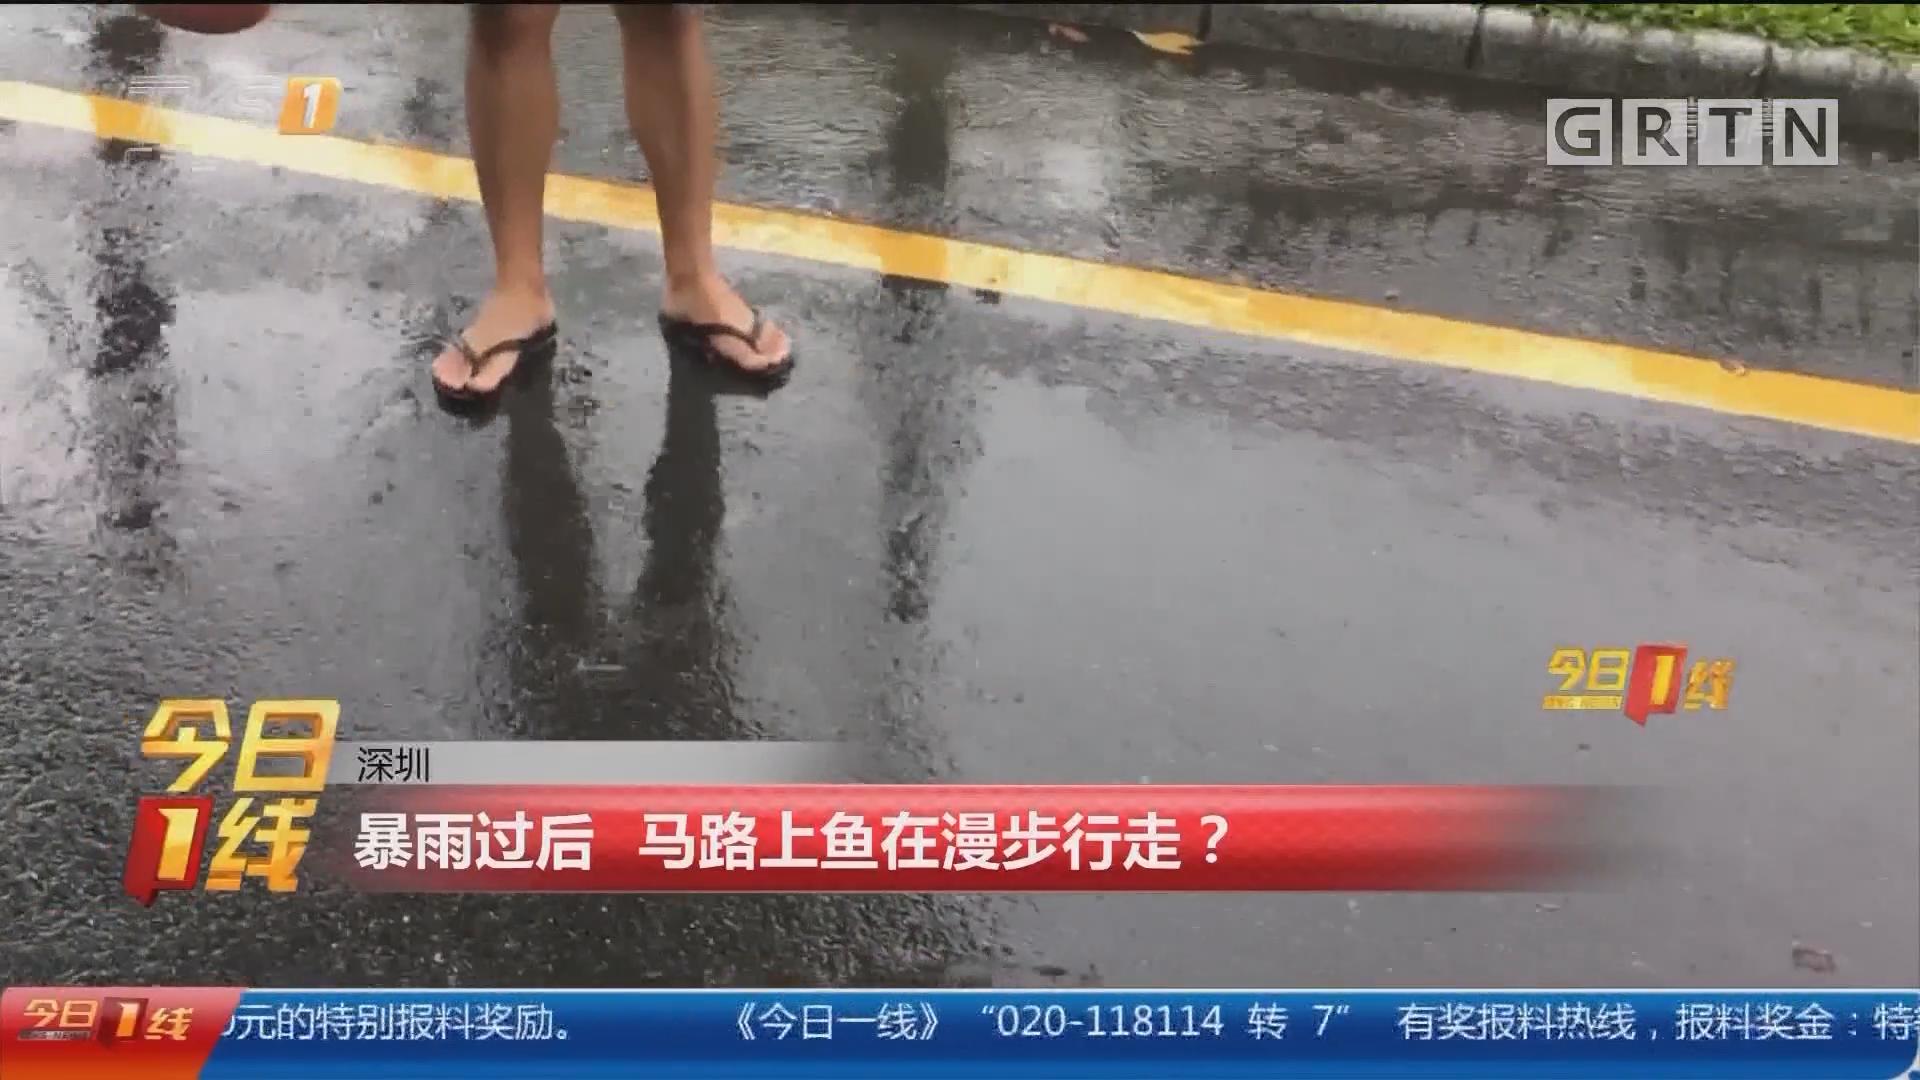 深圳:暴雨过后 马路上鱼在漫步行走?